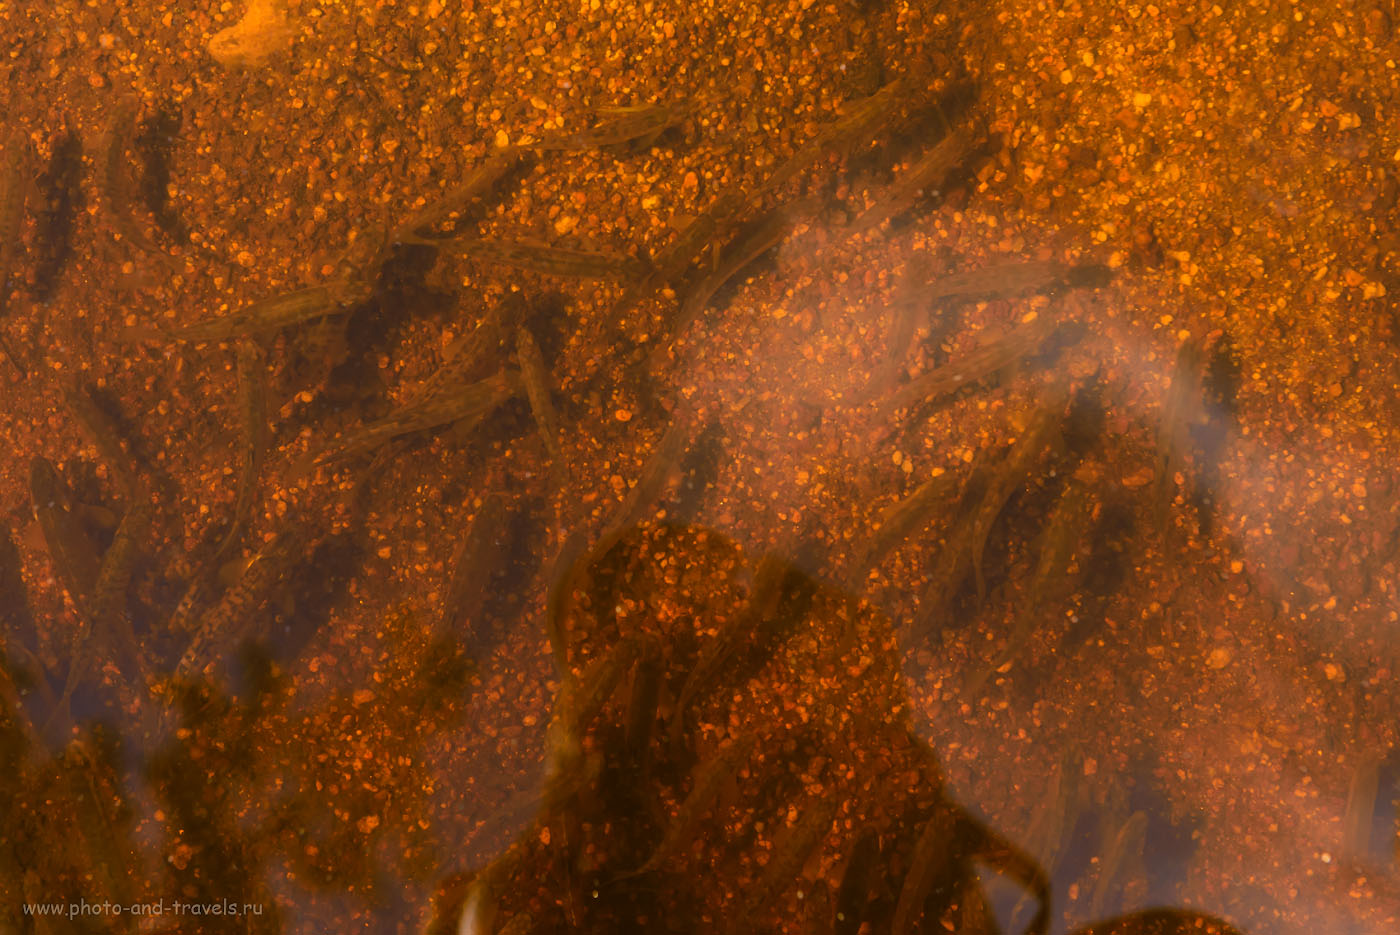 Фото 15. Летом речка обмелела, осталась лишь небольшая лужица с сотней мальков. 1/100, -1.33, 8.0, 450, 70.